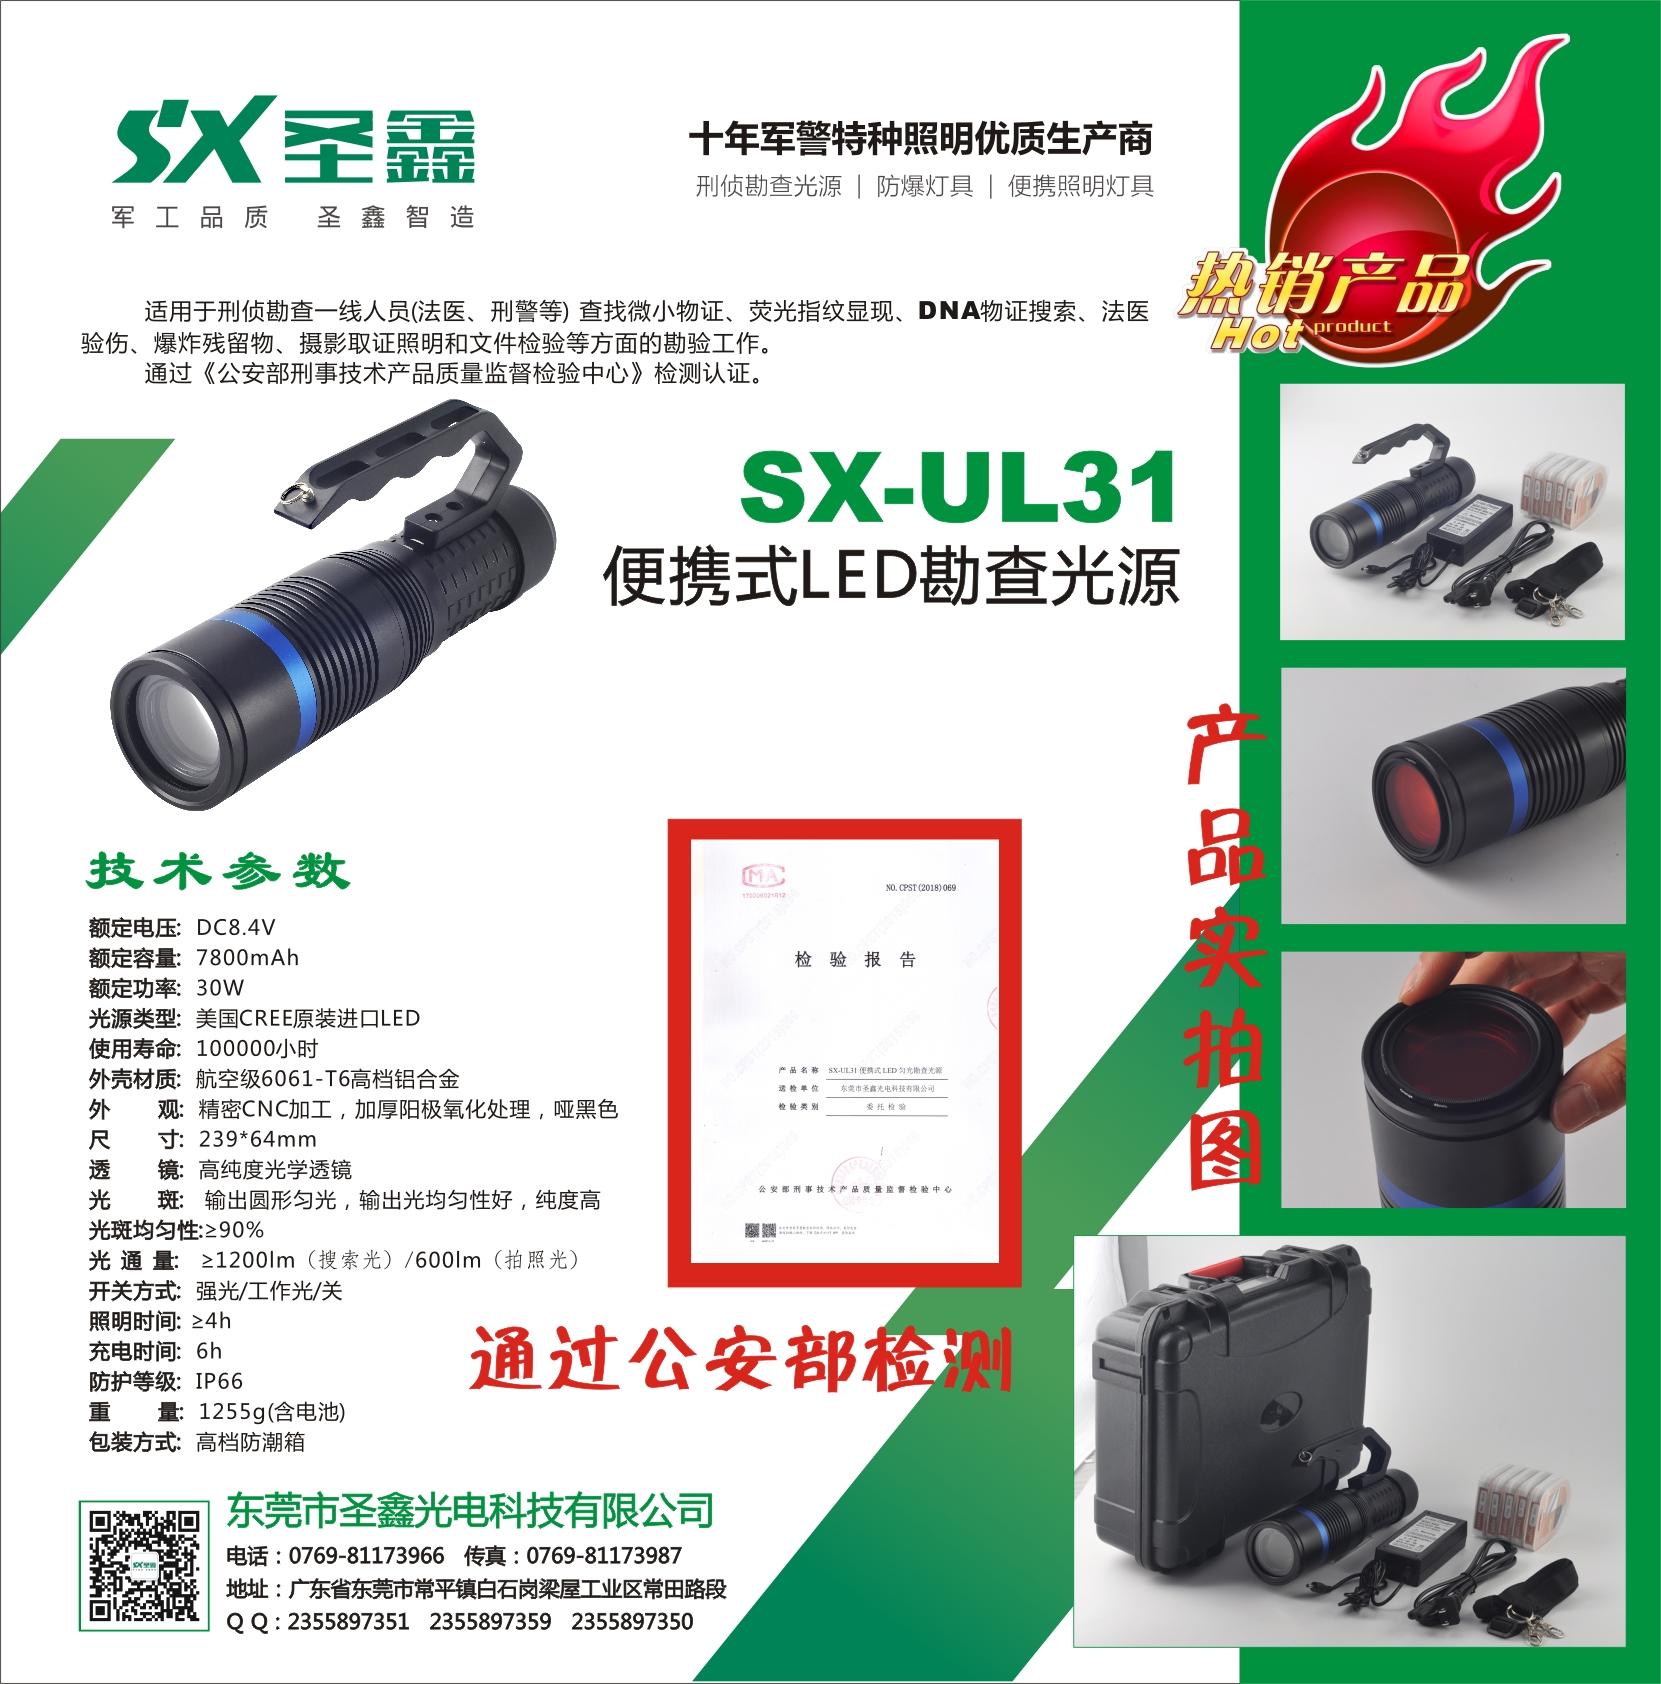 厉害了!SX-UL31便携式LED匀光勘查光源荣获公安部检测报告